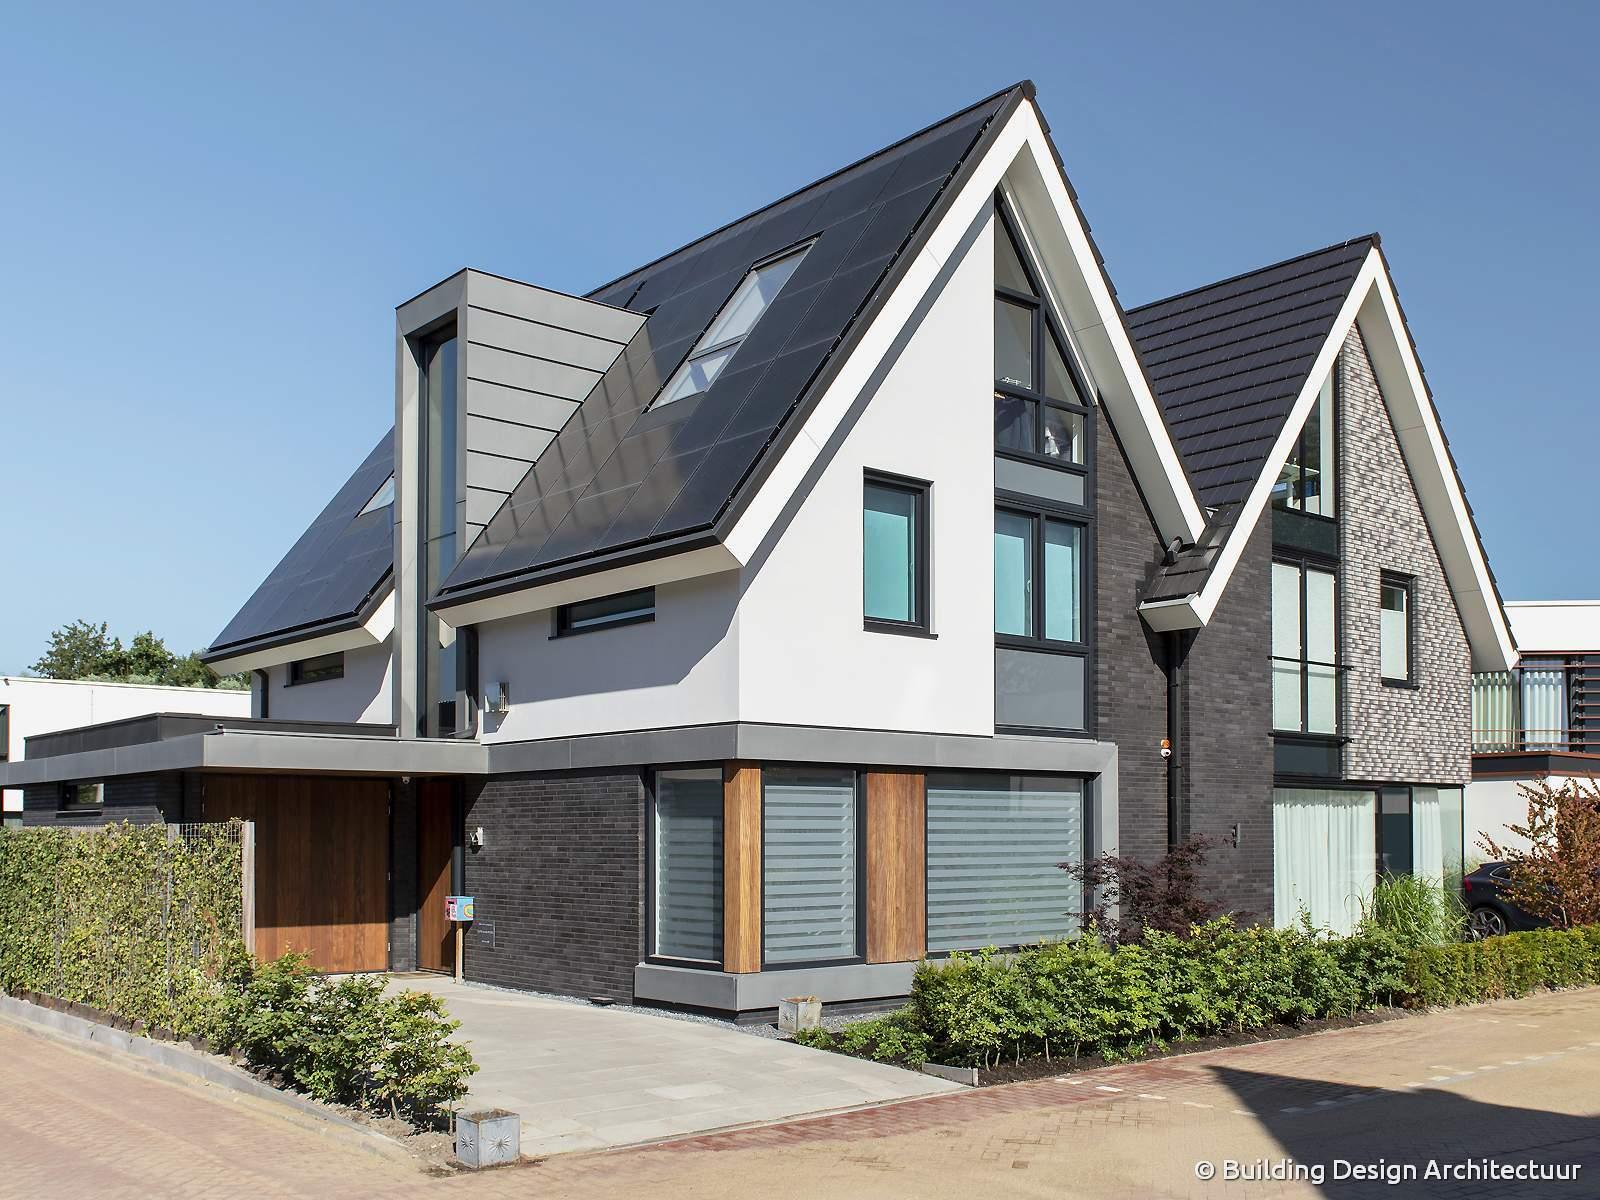 Betrouwbaar 777 architect kleine woning afbeelding opslaan beste voorbeelden afbeeldingen for Afbeelding van moderne huizen